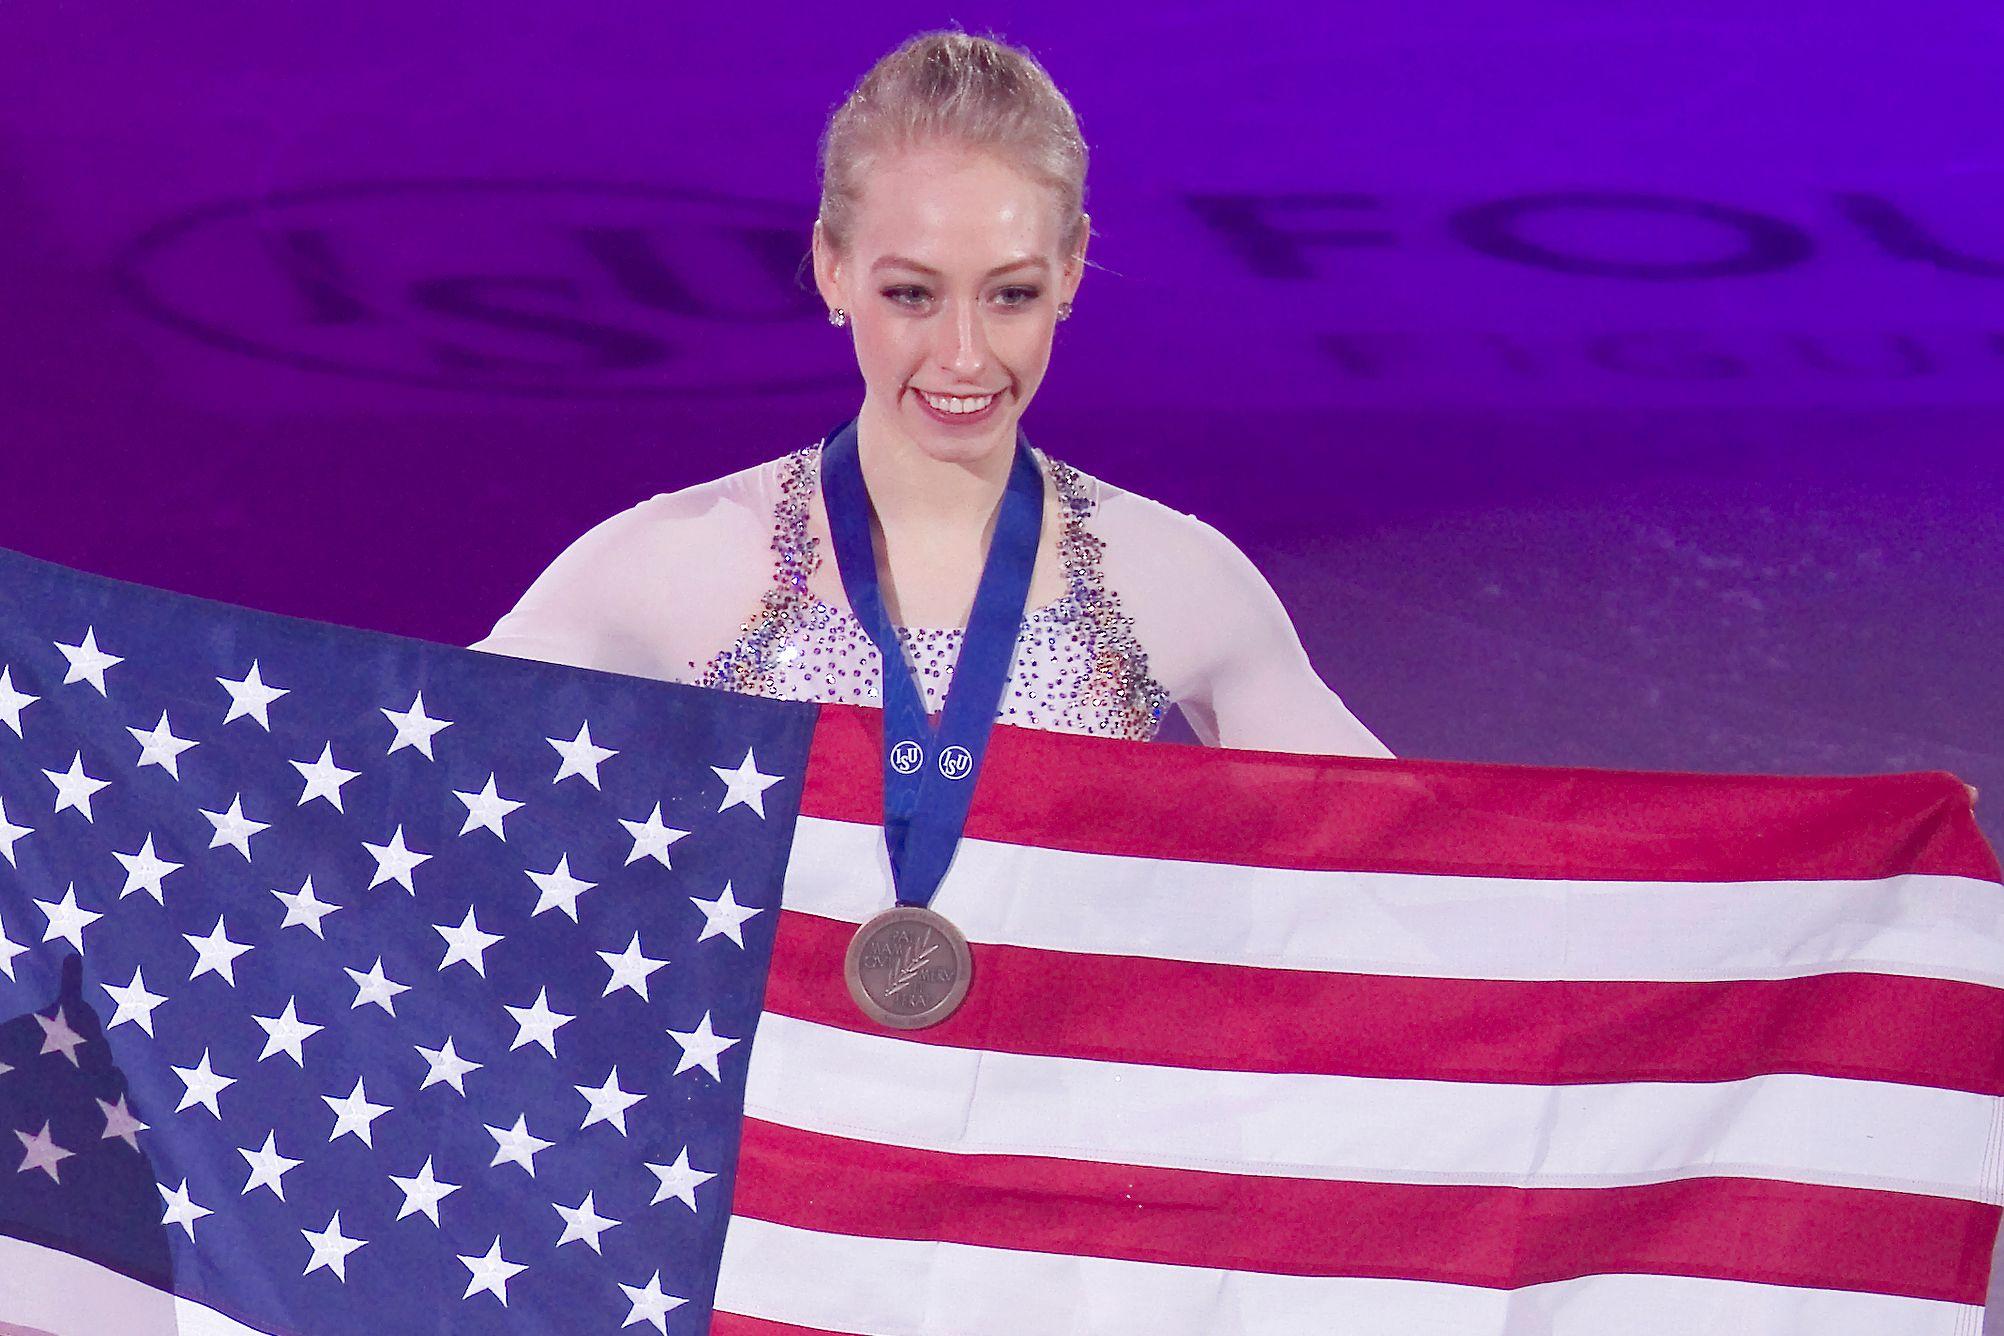 Американцы - о чемпионате США по фигурному катанию: 'Мы даже близко не можем приблизиться к тому, что делают русские девушки'. ВИДЕО